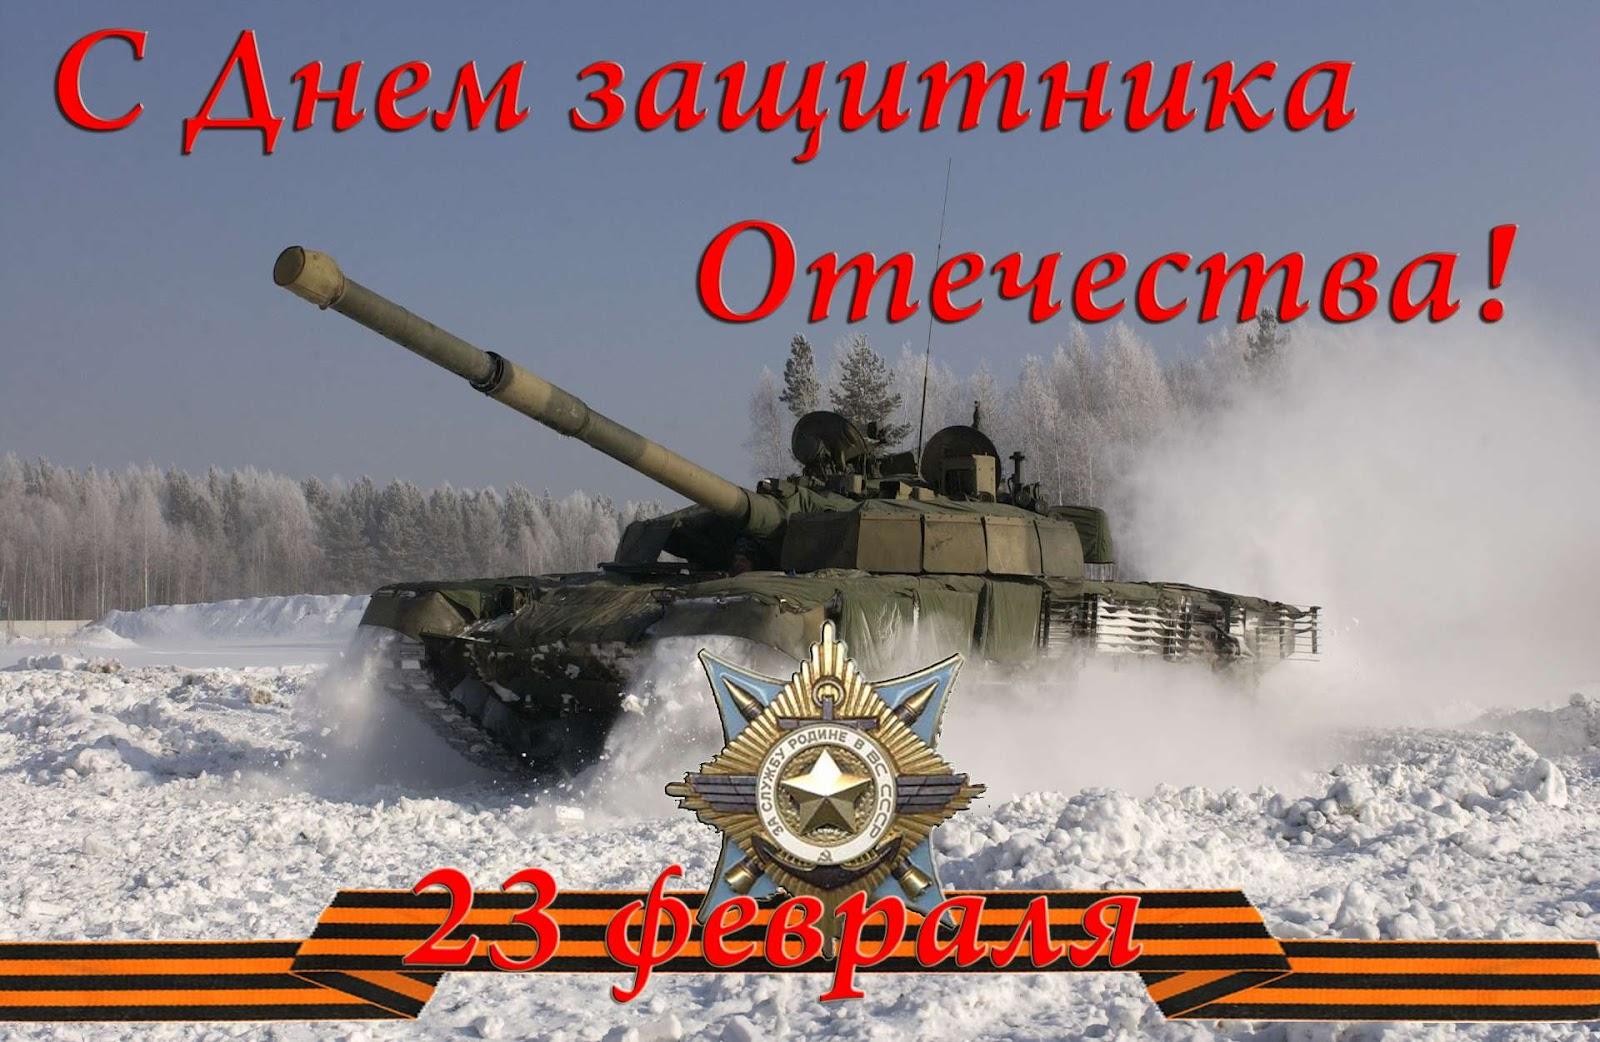 ❶Поздравление танкисту с 23 февраля|Бутерброды 23 февраля|Leviofan - Google+||}